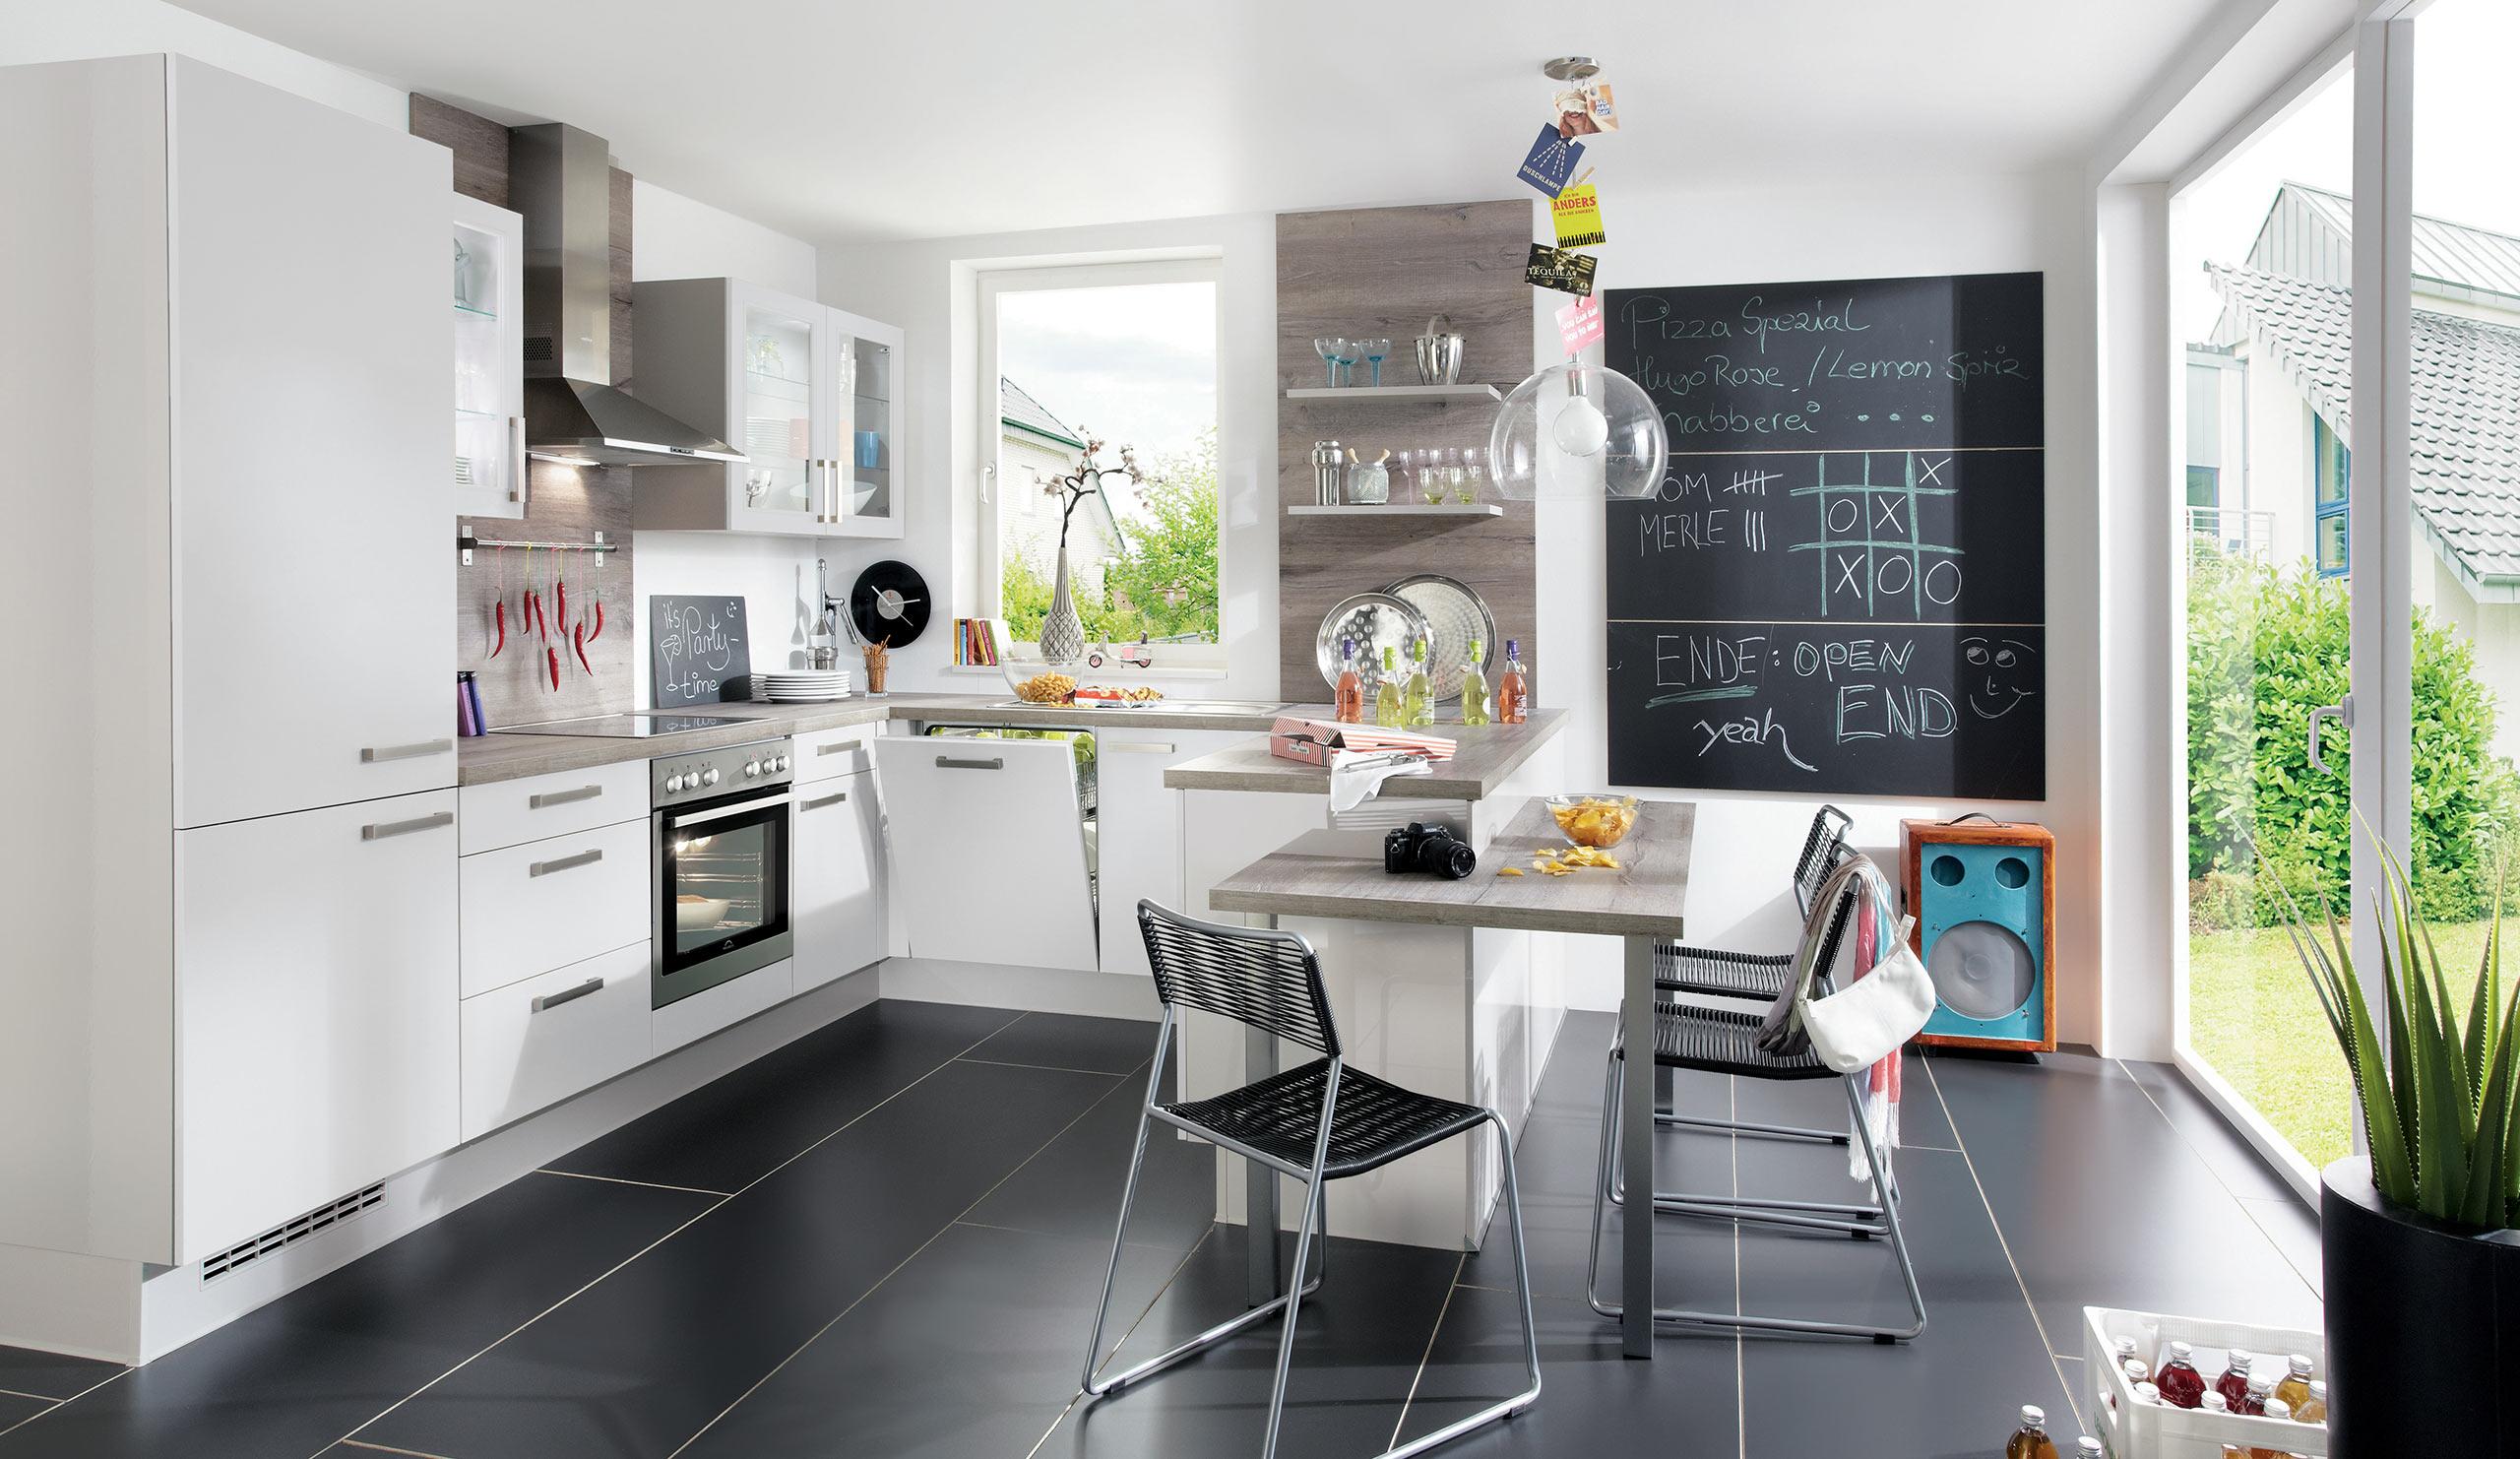 Full Size of Ideen Küche Einrichten Große Küche Einrichten Wohnmobil Küche Einrichten Küche Einrichten Dekorieren Küche Küche Einrichten